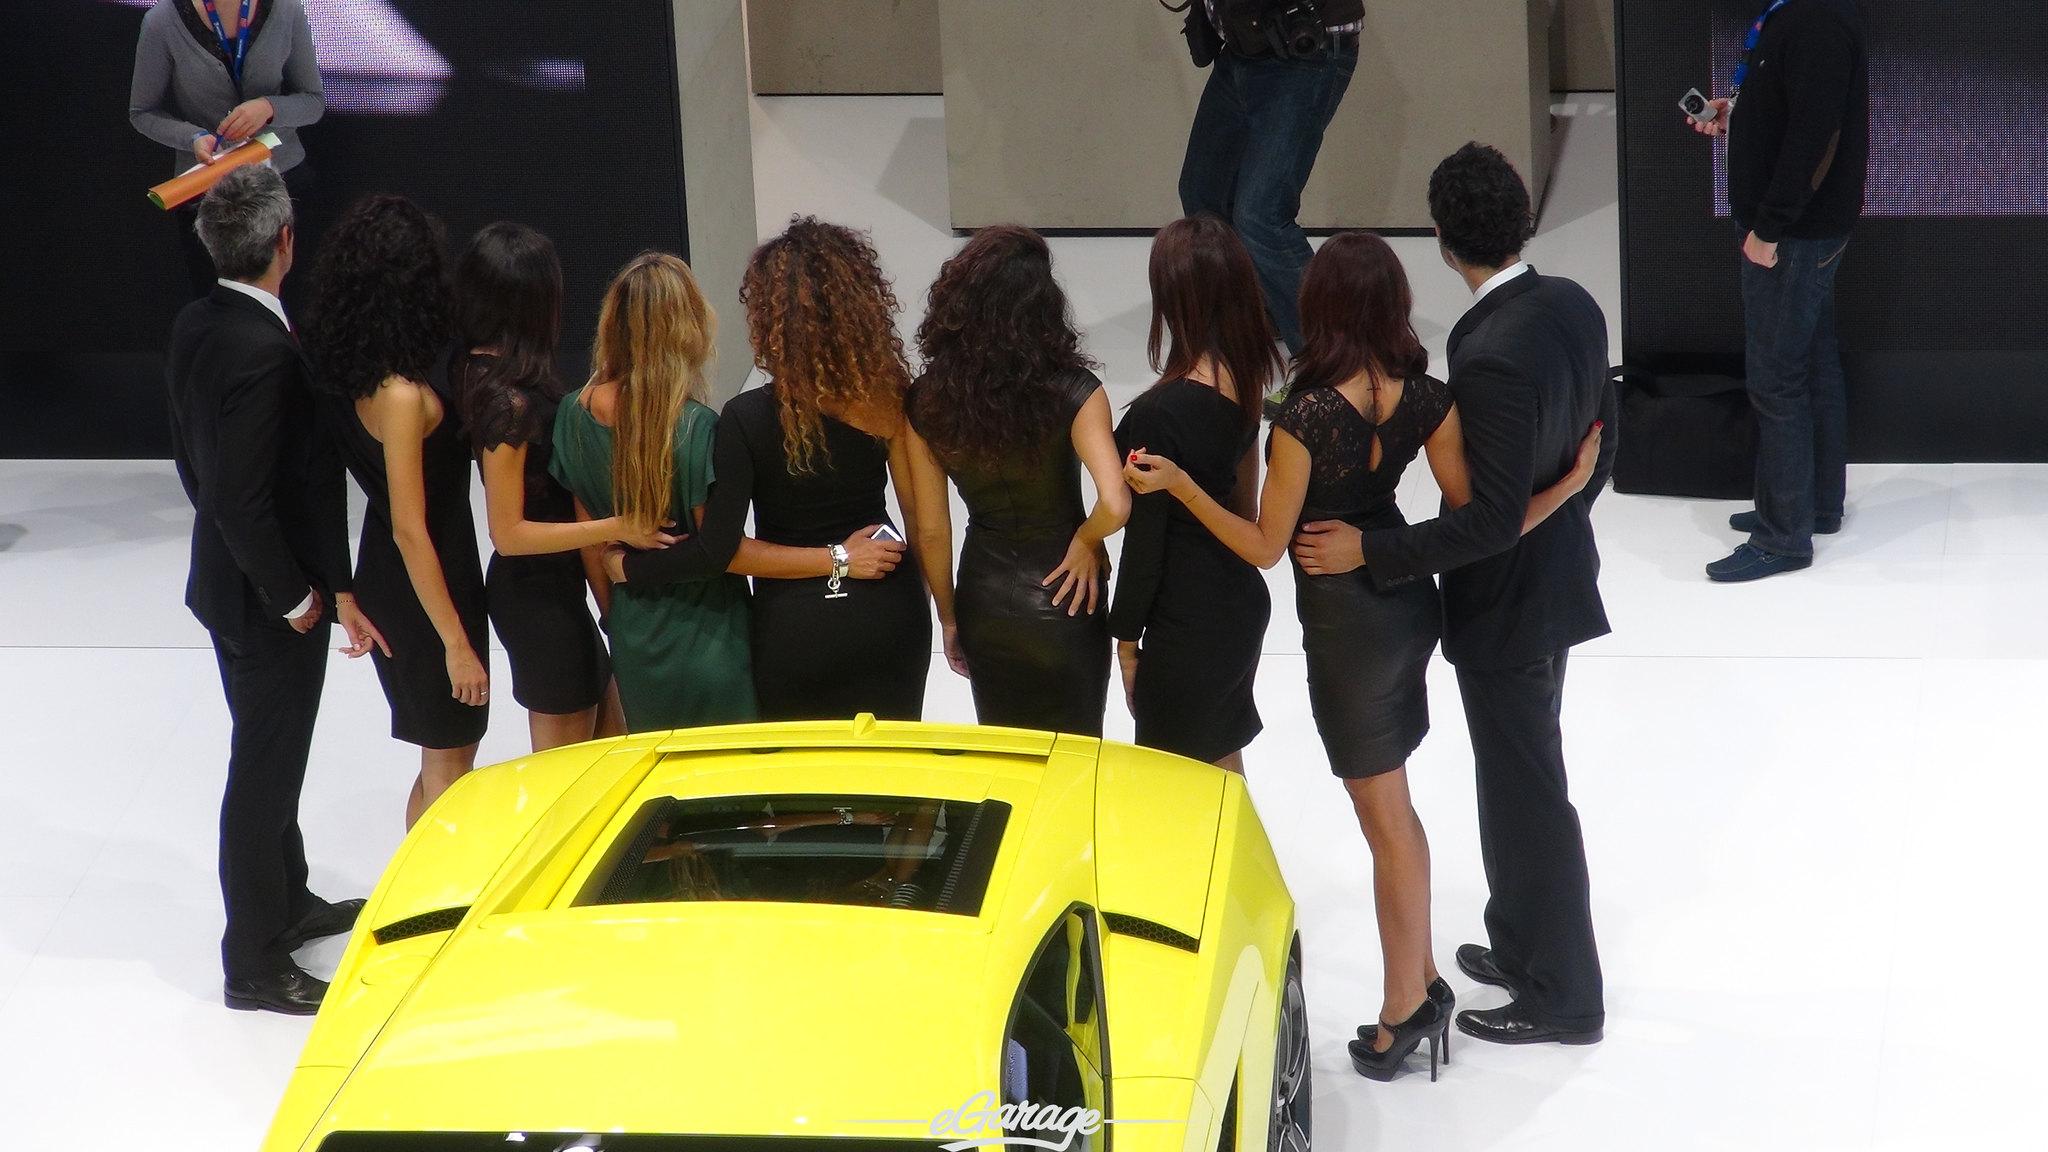 8034744089 e7c3ecf4a3 k 2012 Paris Motor Show